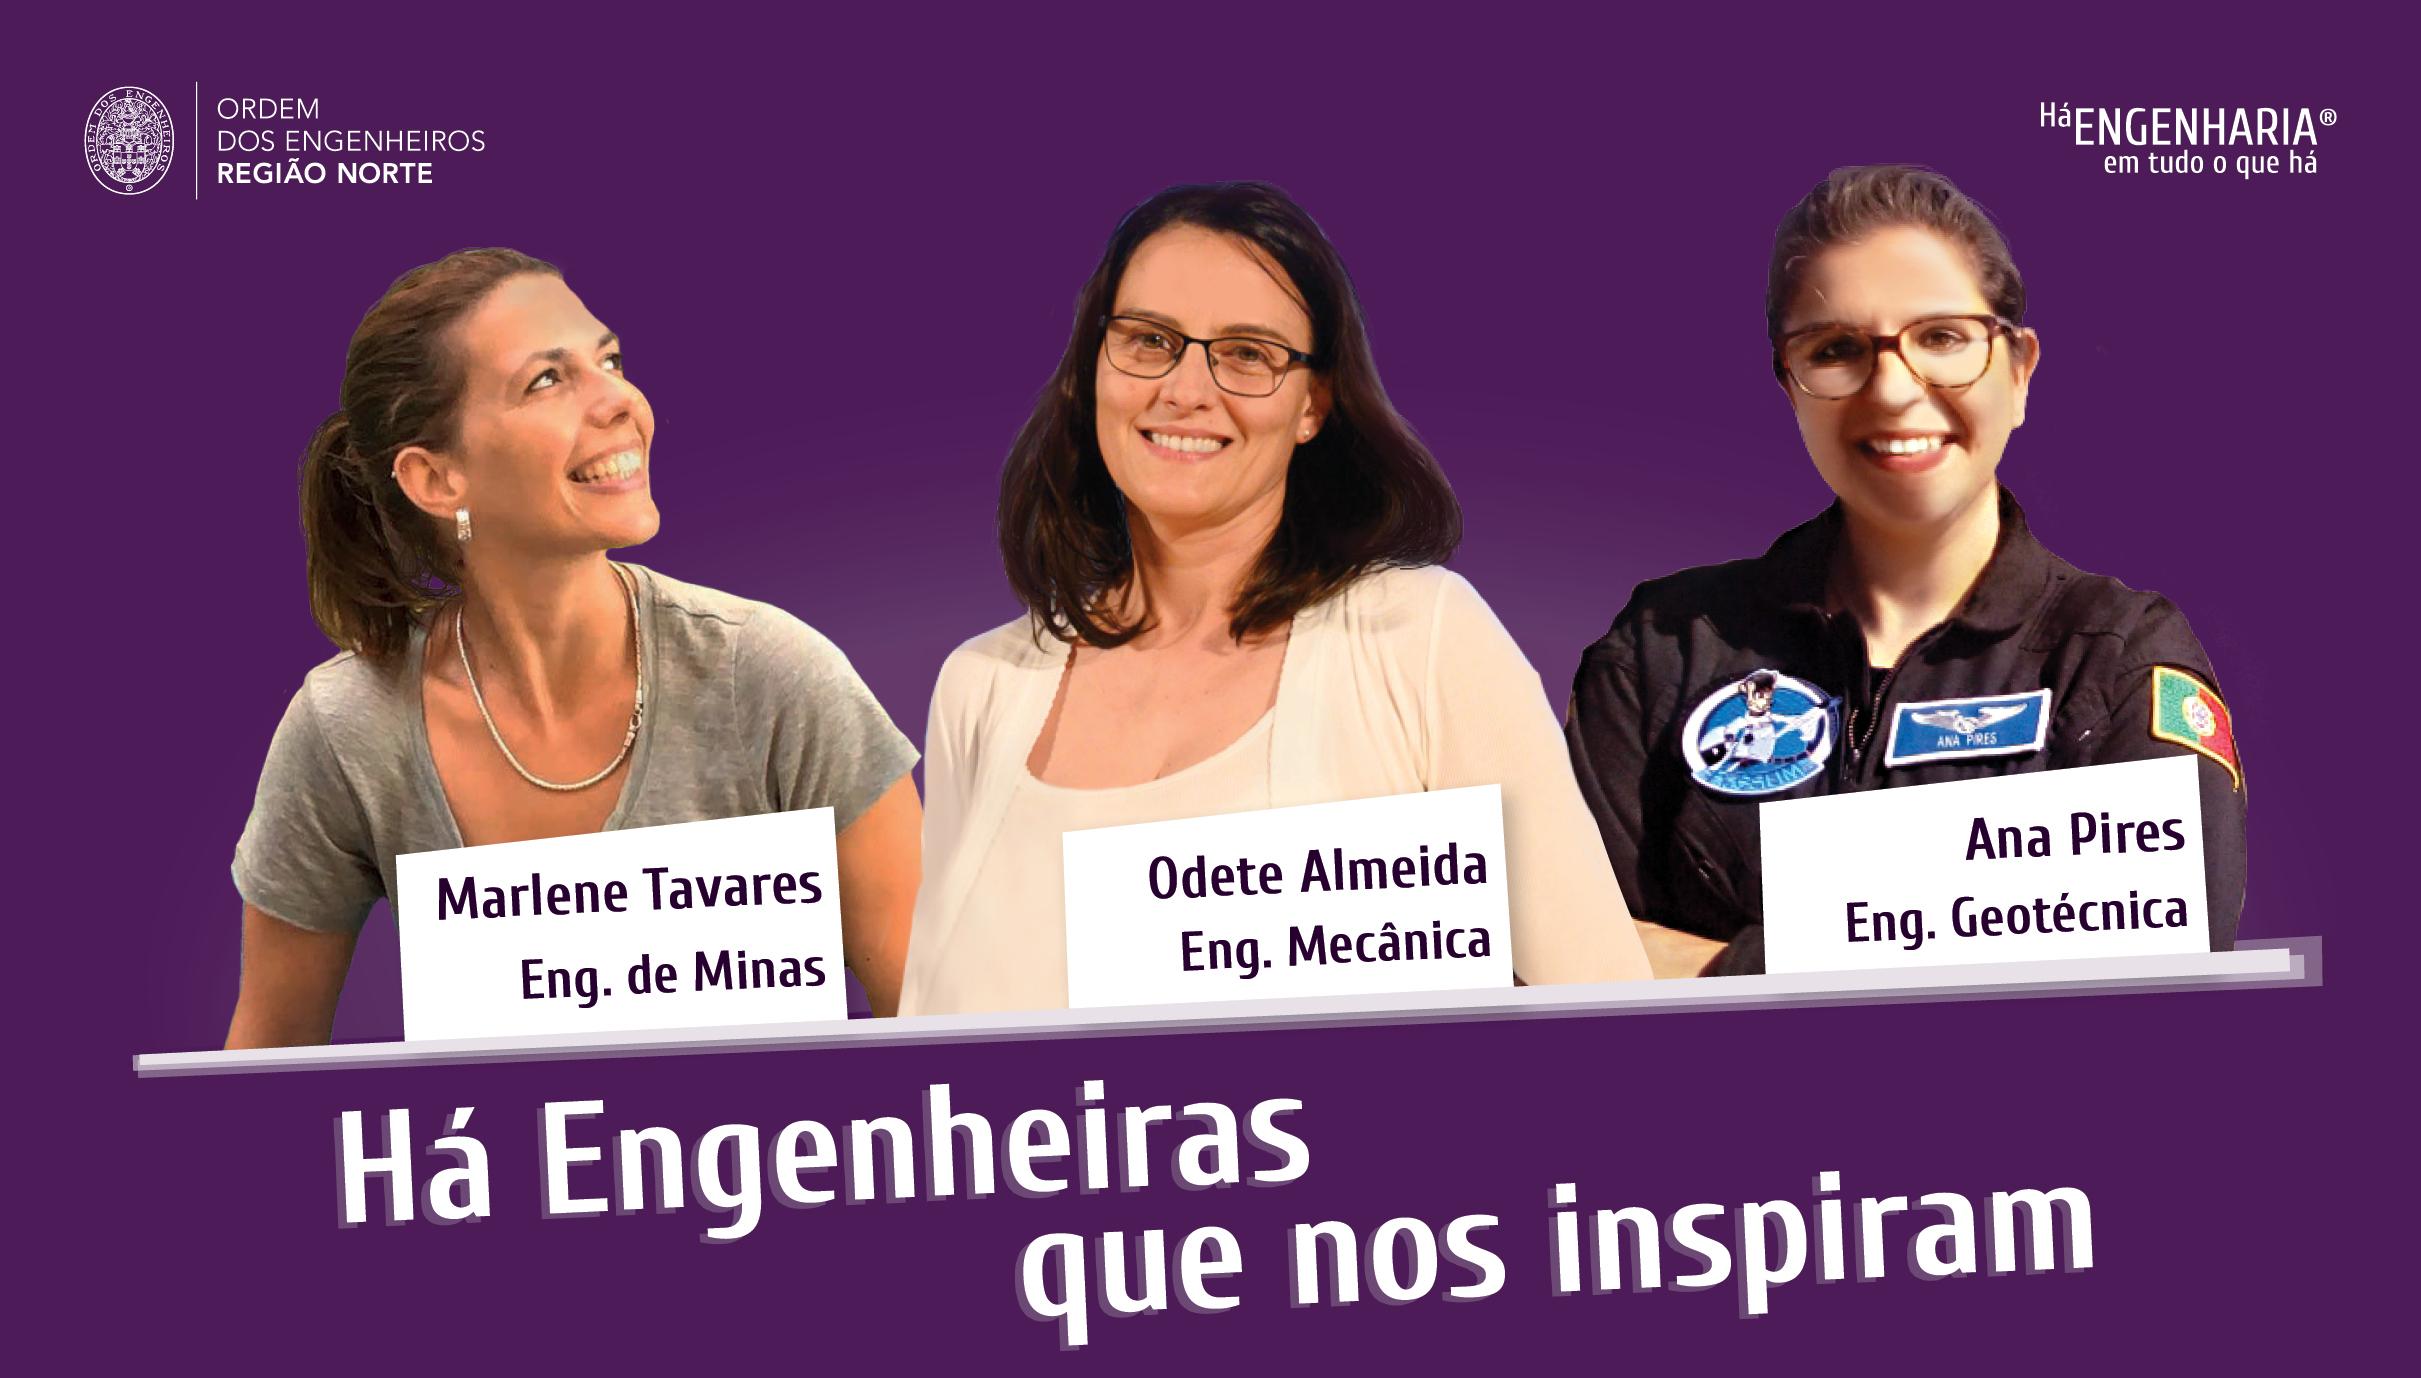 Plataforma Notícias Ordem Engenheiros Região Norte - Há Engenharia no Dia Internacional da Mulher